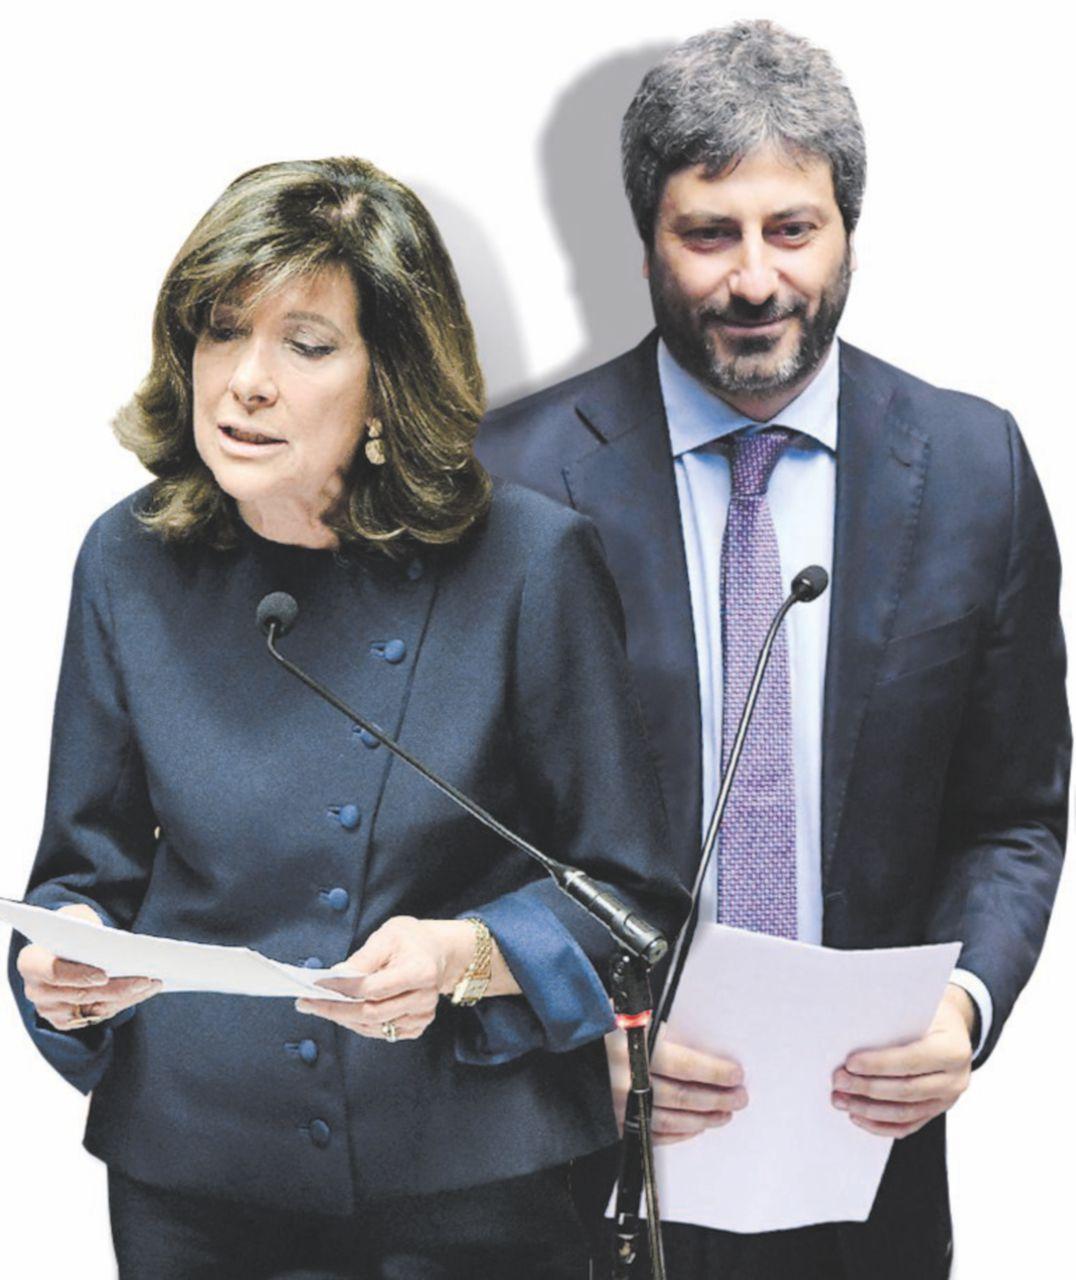 In Edicola sul Fatto Quotidiano del 25 marzo:  Le due Camere a Fico e Casellati (con figlia piazzata al ministero)